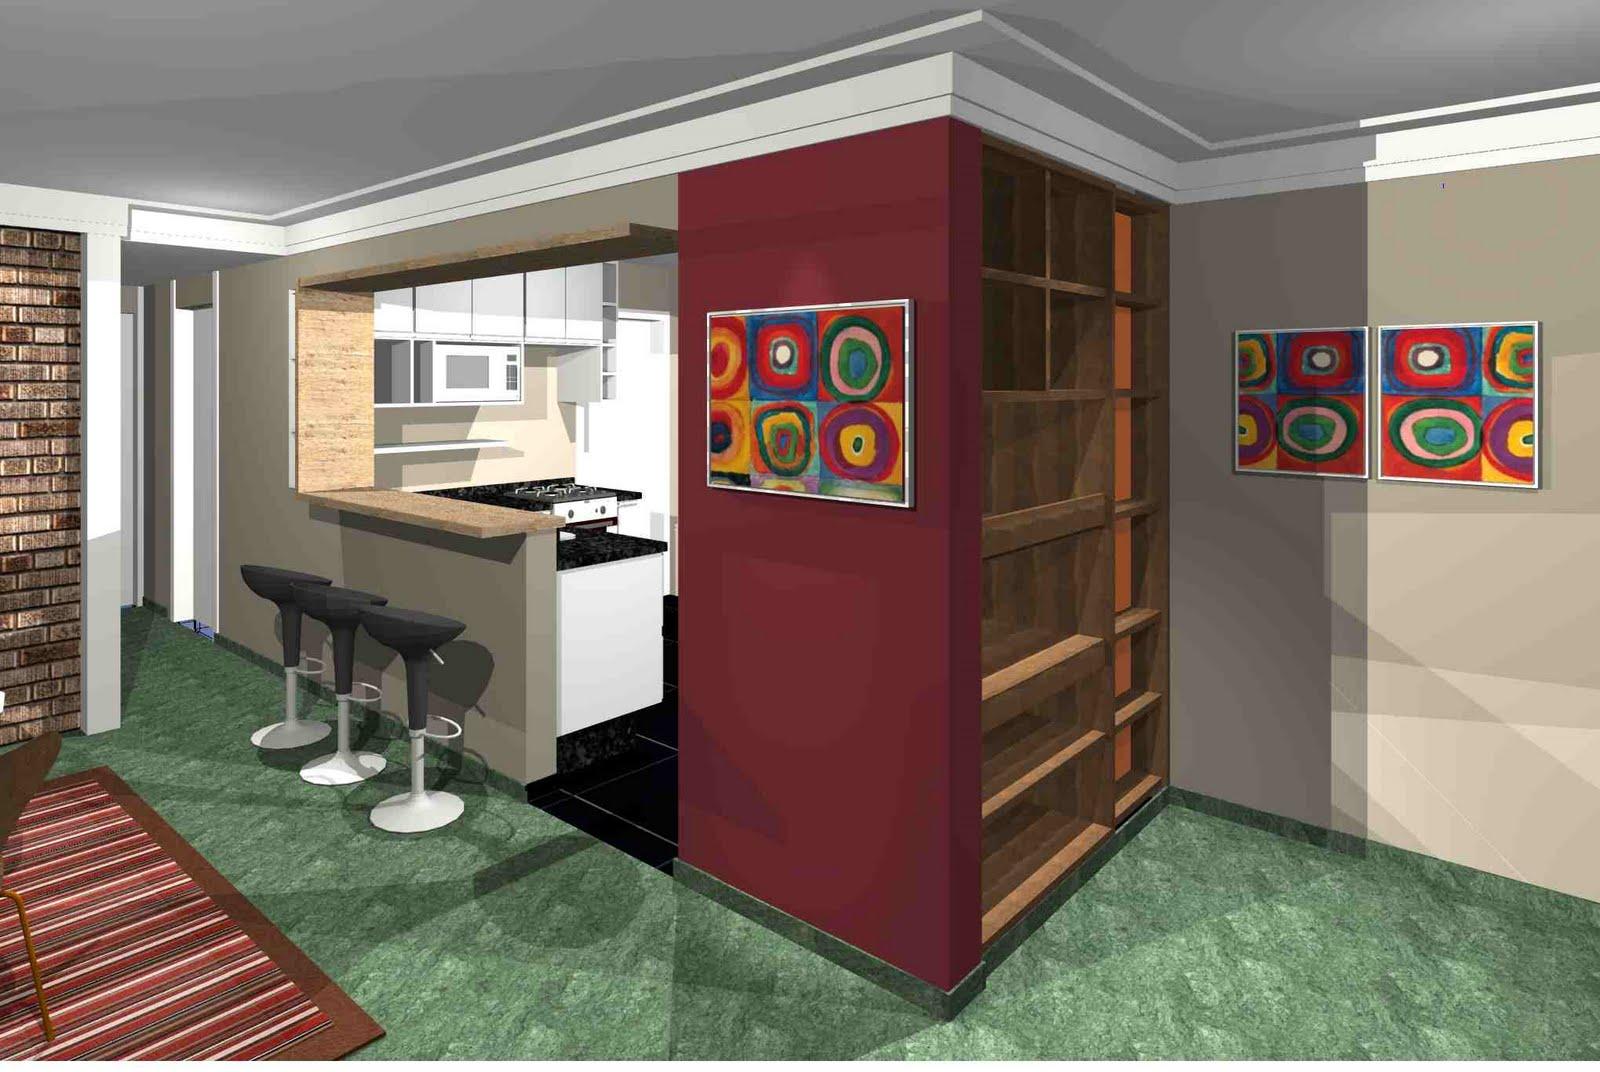 Projetos e Execução de obras: Cozinha integrada #A92822 1600 1072